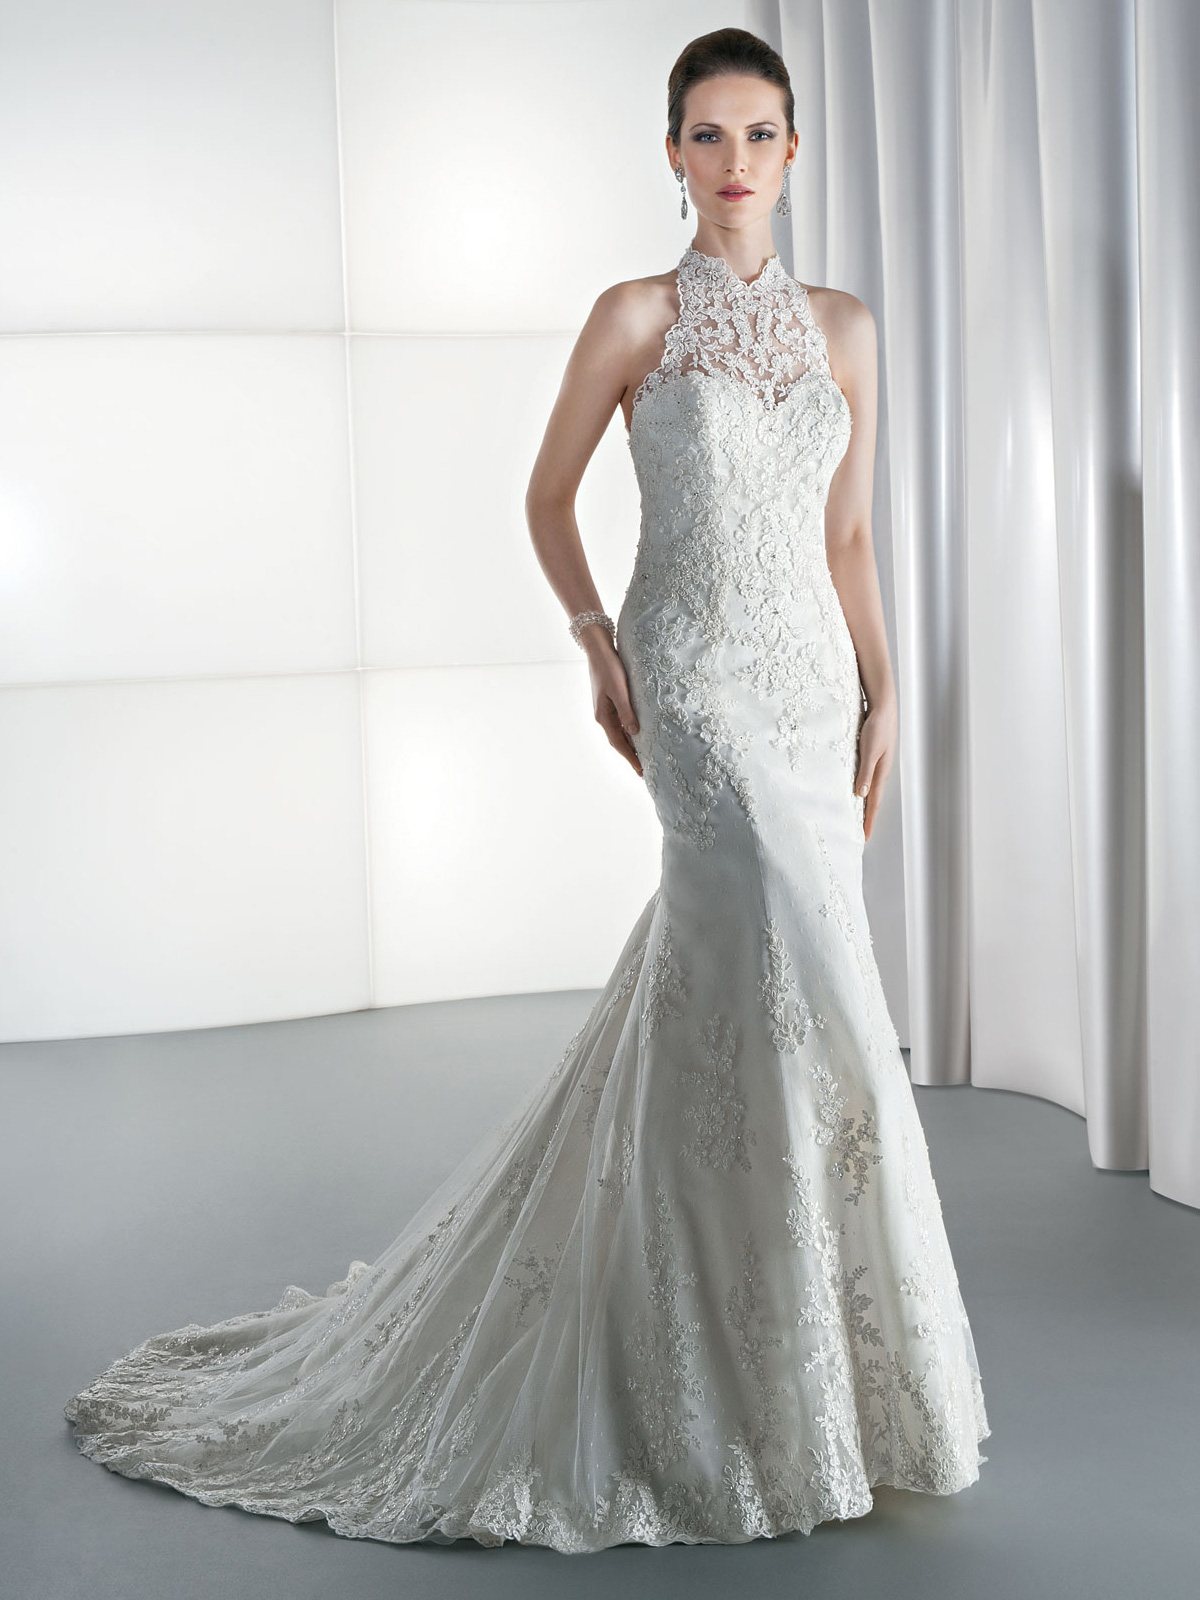 Vestido de Noiva com cava americana e alças de renda nas costas com transparência, recorte sereia e todo em renda suavemente rebordada, leve cauda.